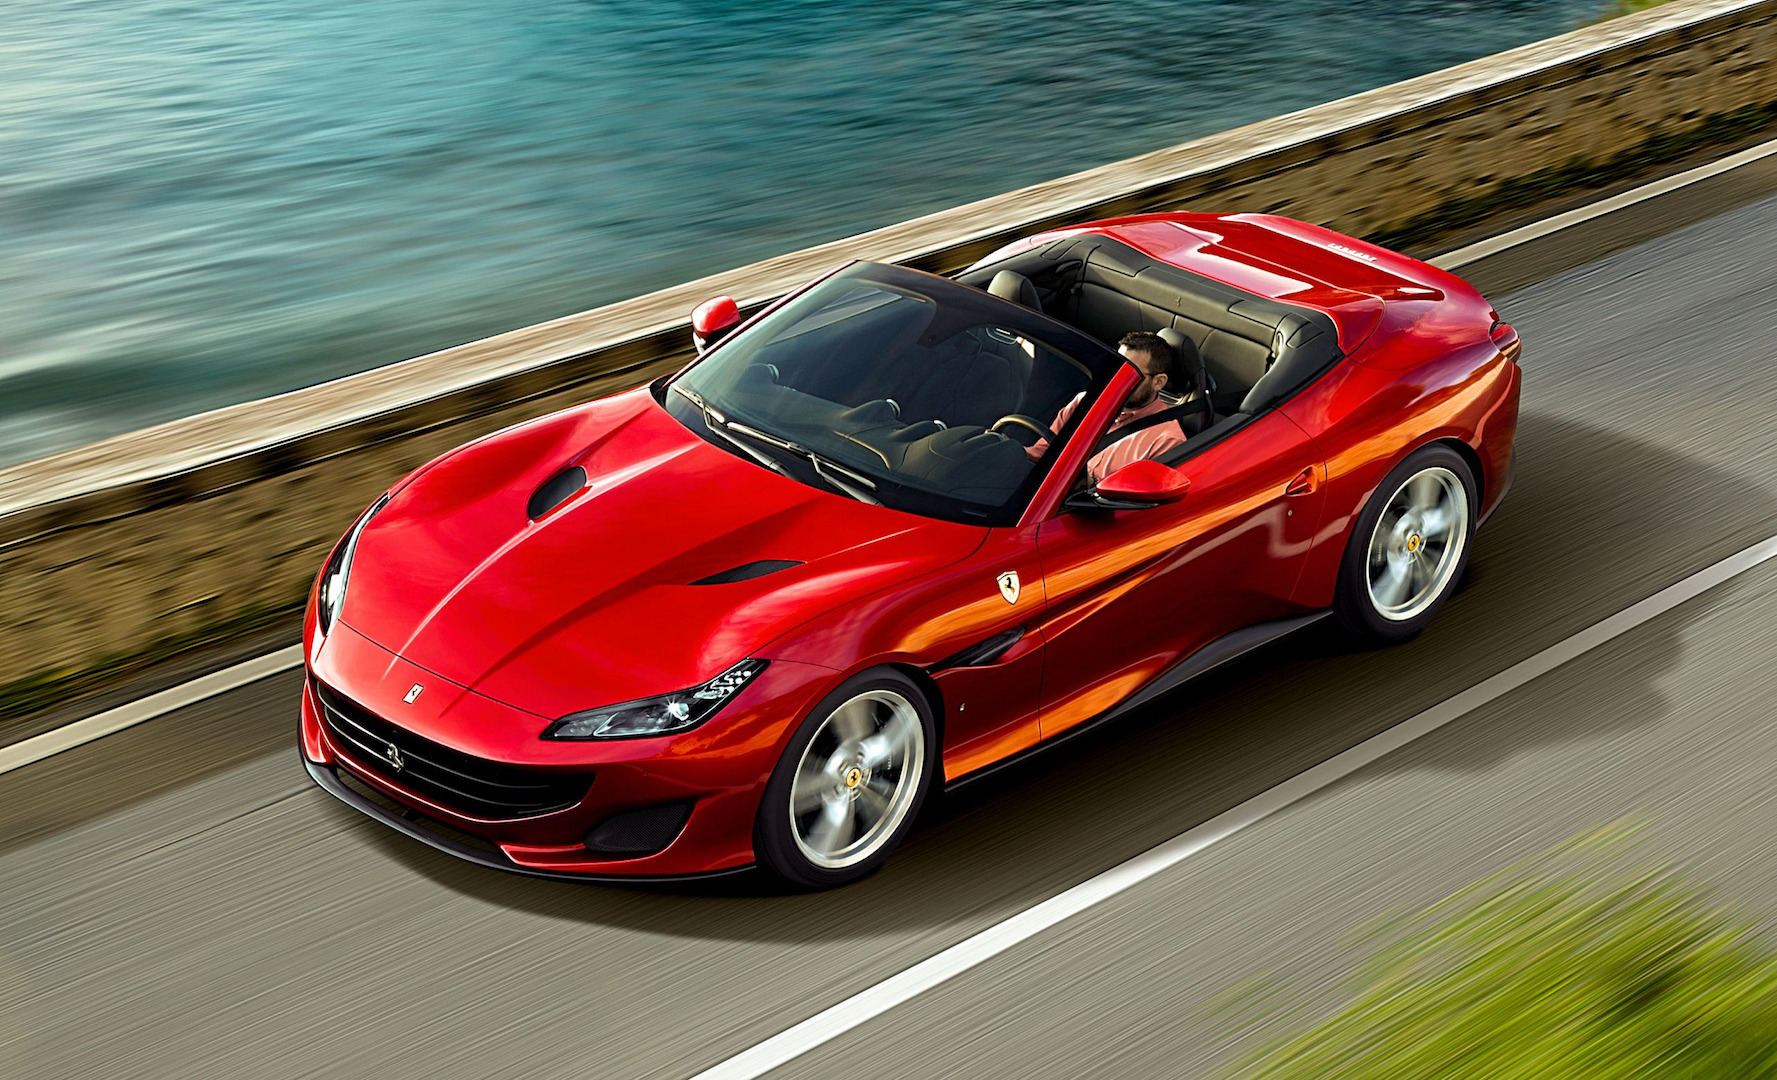 Ferrari Portofino : une décapotable polyvalente